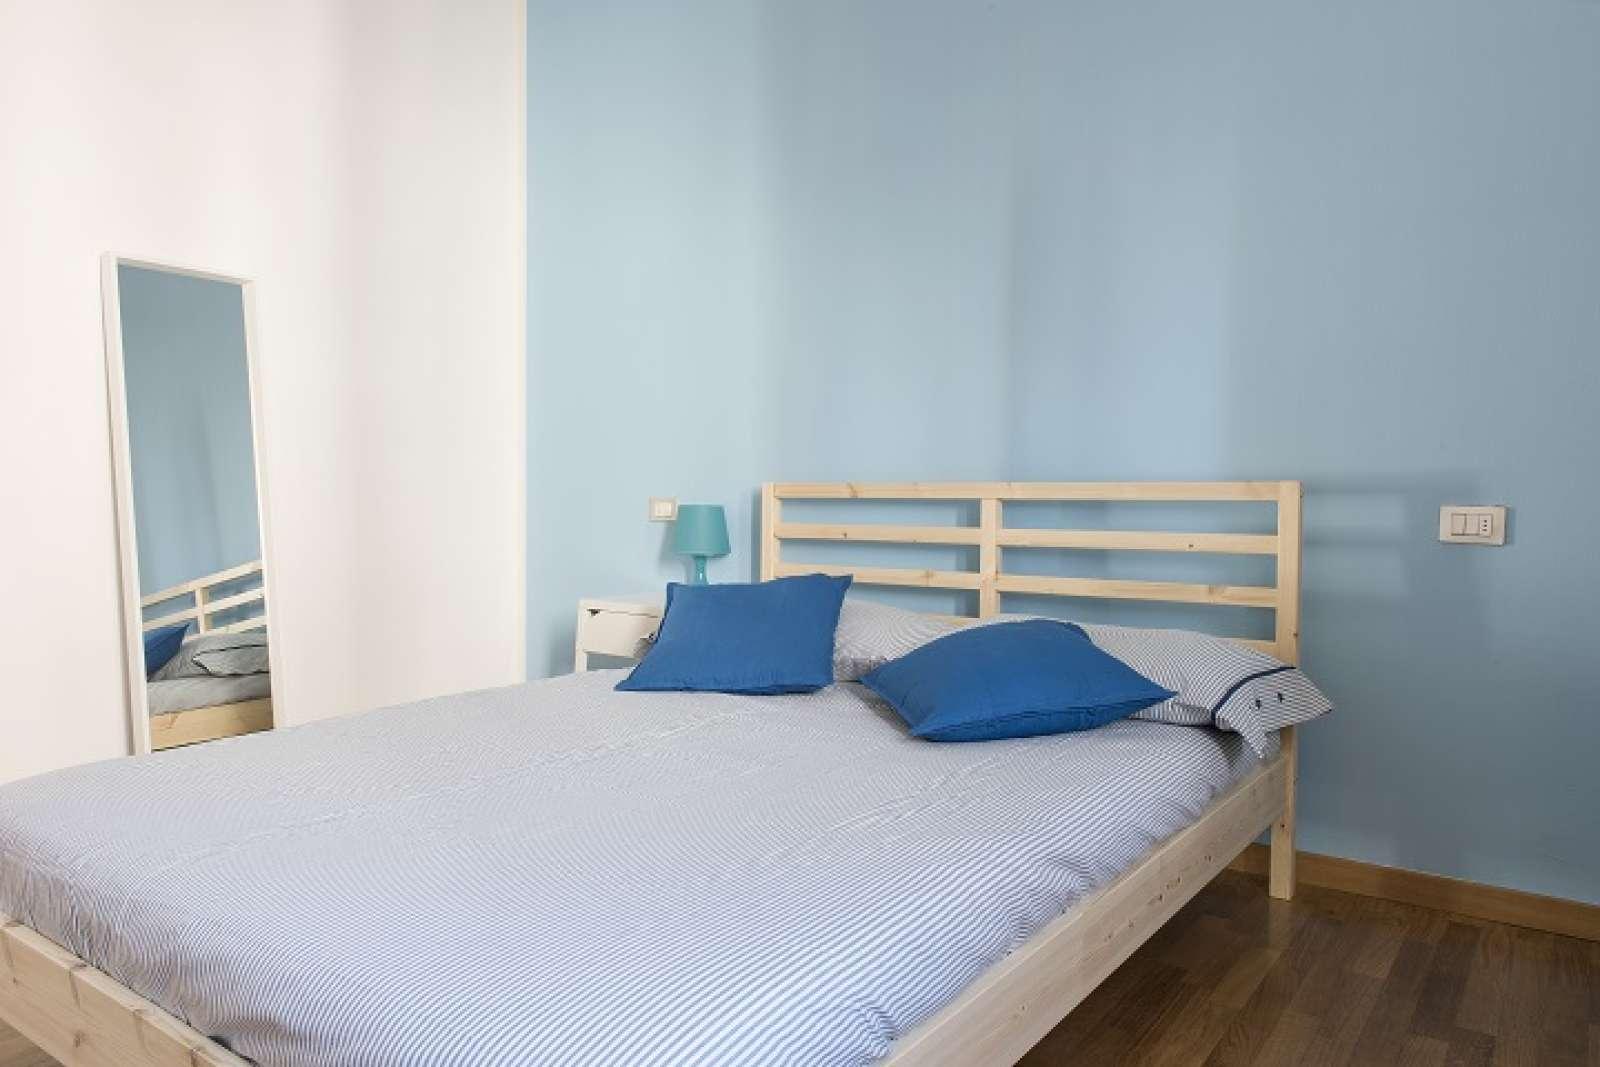 Come Si Traduce Vasca Da Bagno In Inglese : Camera da letto in inglese traduzione camera da letto in stile